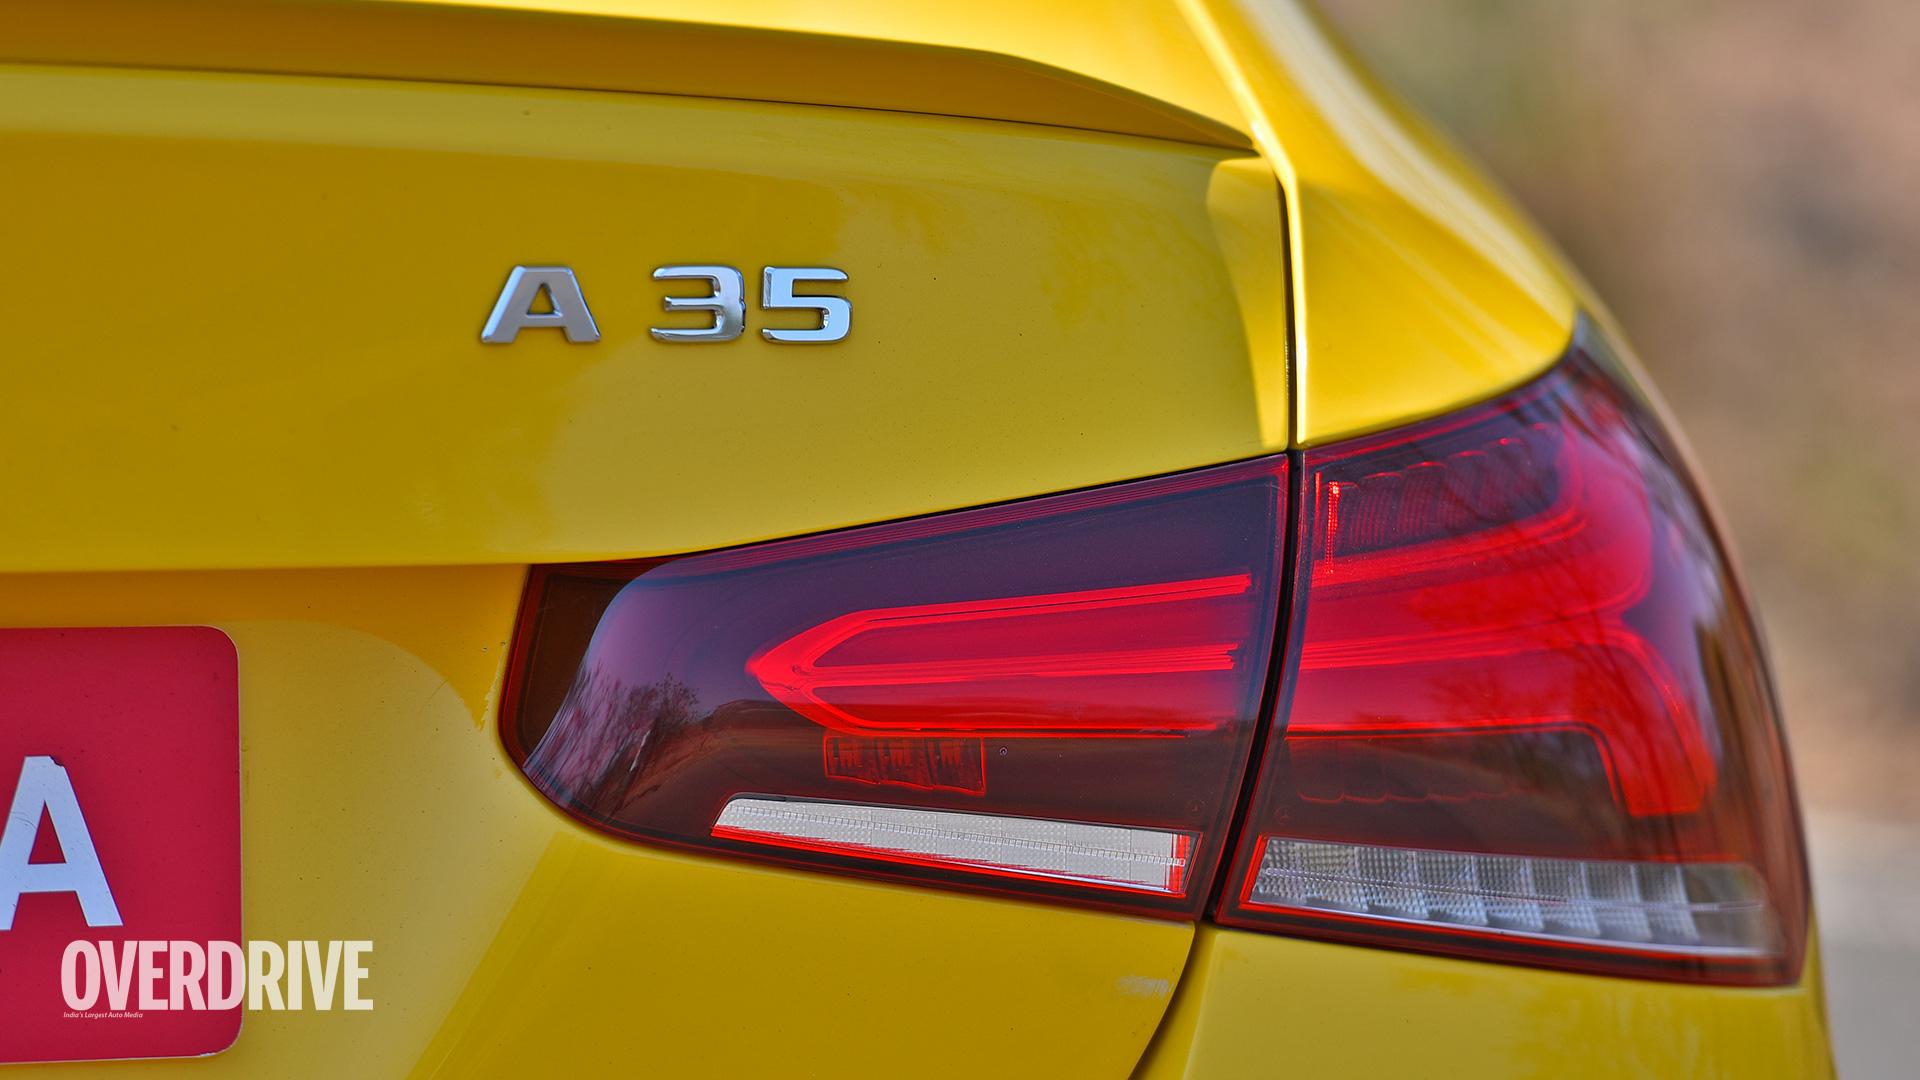 Mercedesbenz A 35 AMG 2021 STD Exterior